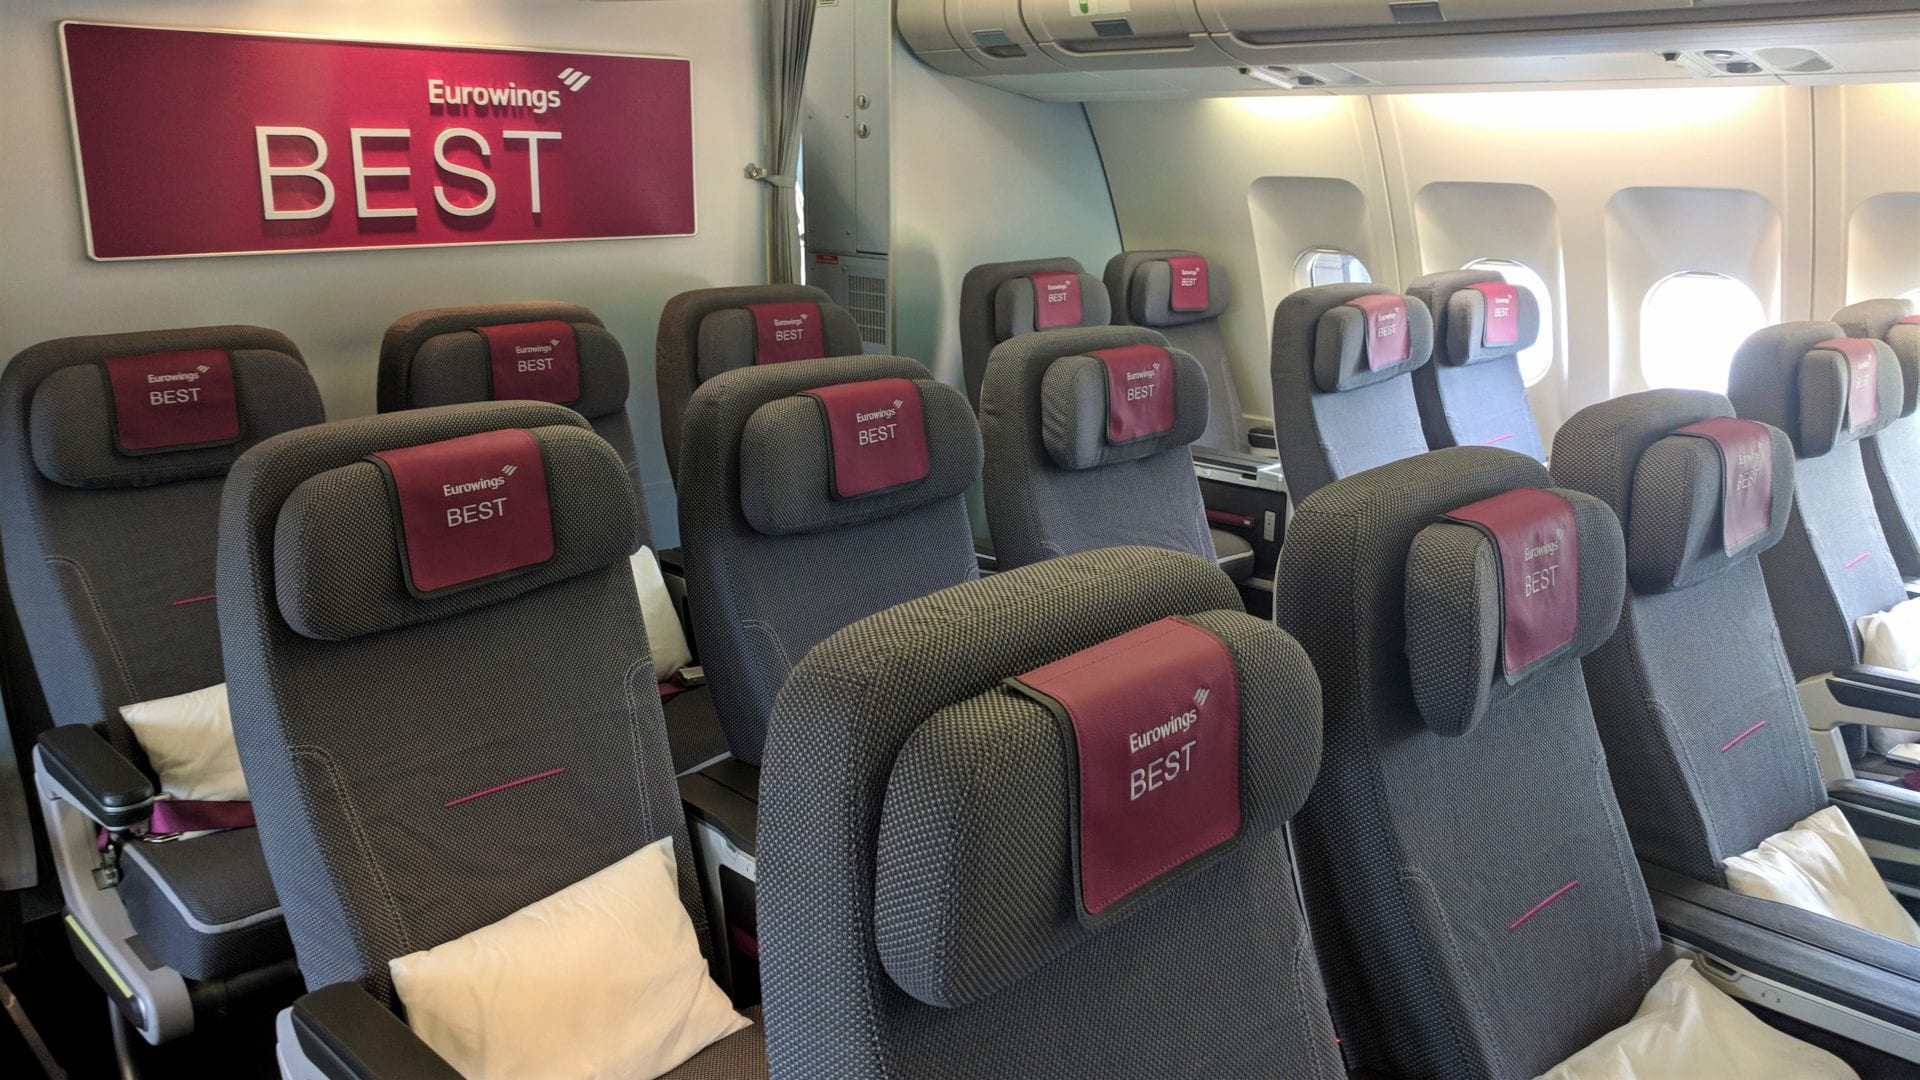 Eurowings A340 Best Kabine